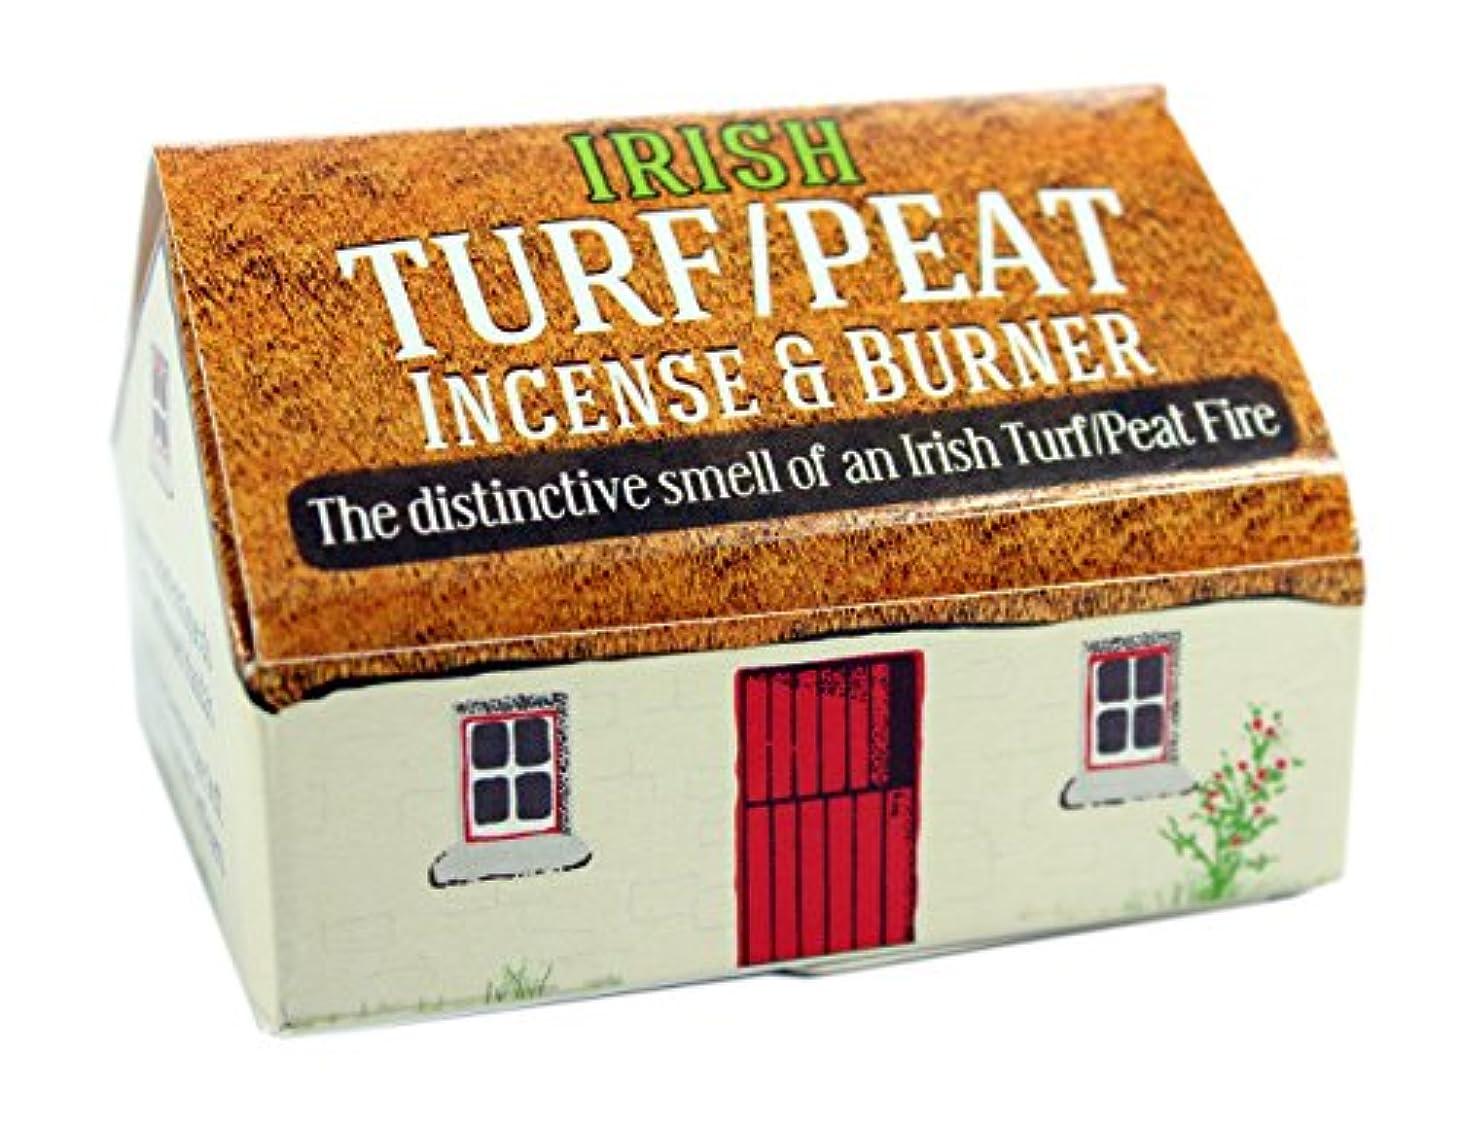 パワー死軽量Irish Turf/peat Incense And 3.8cm Sq Burner Plate,beige, New